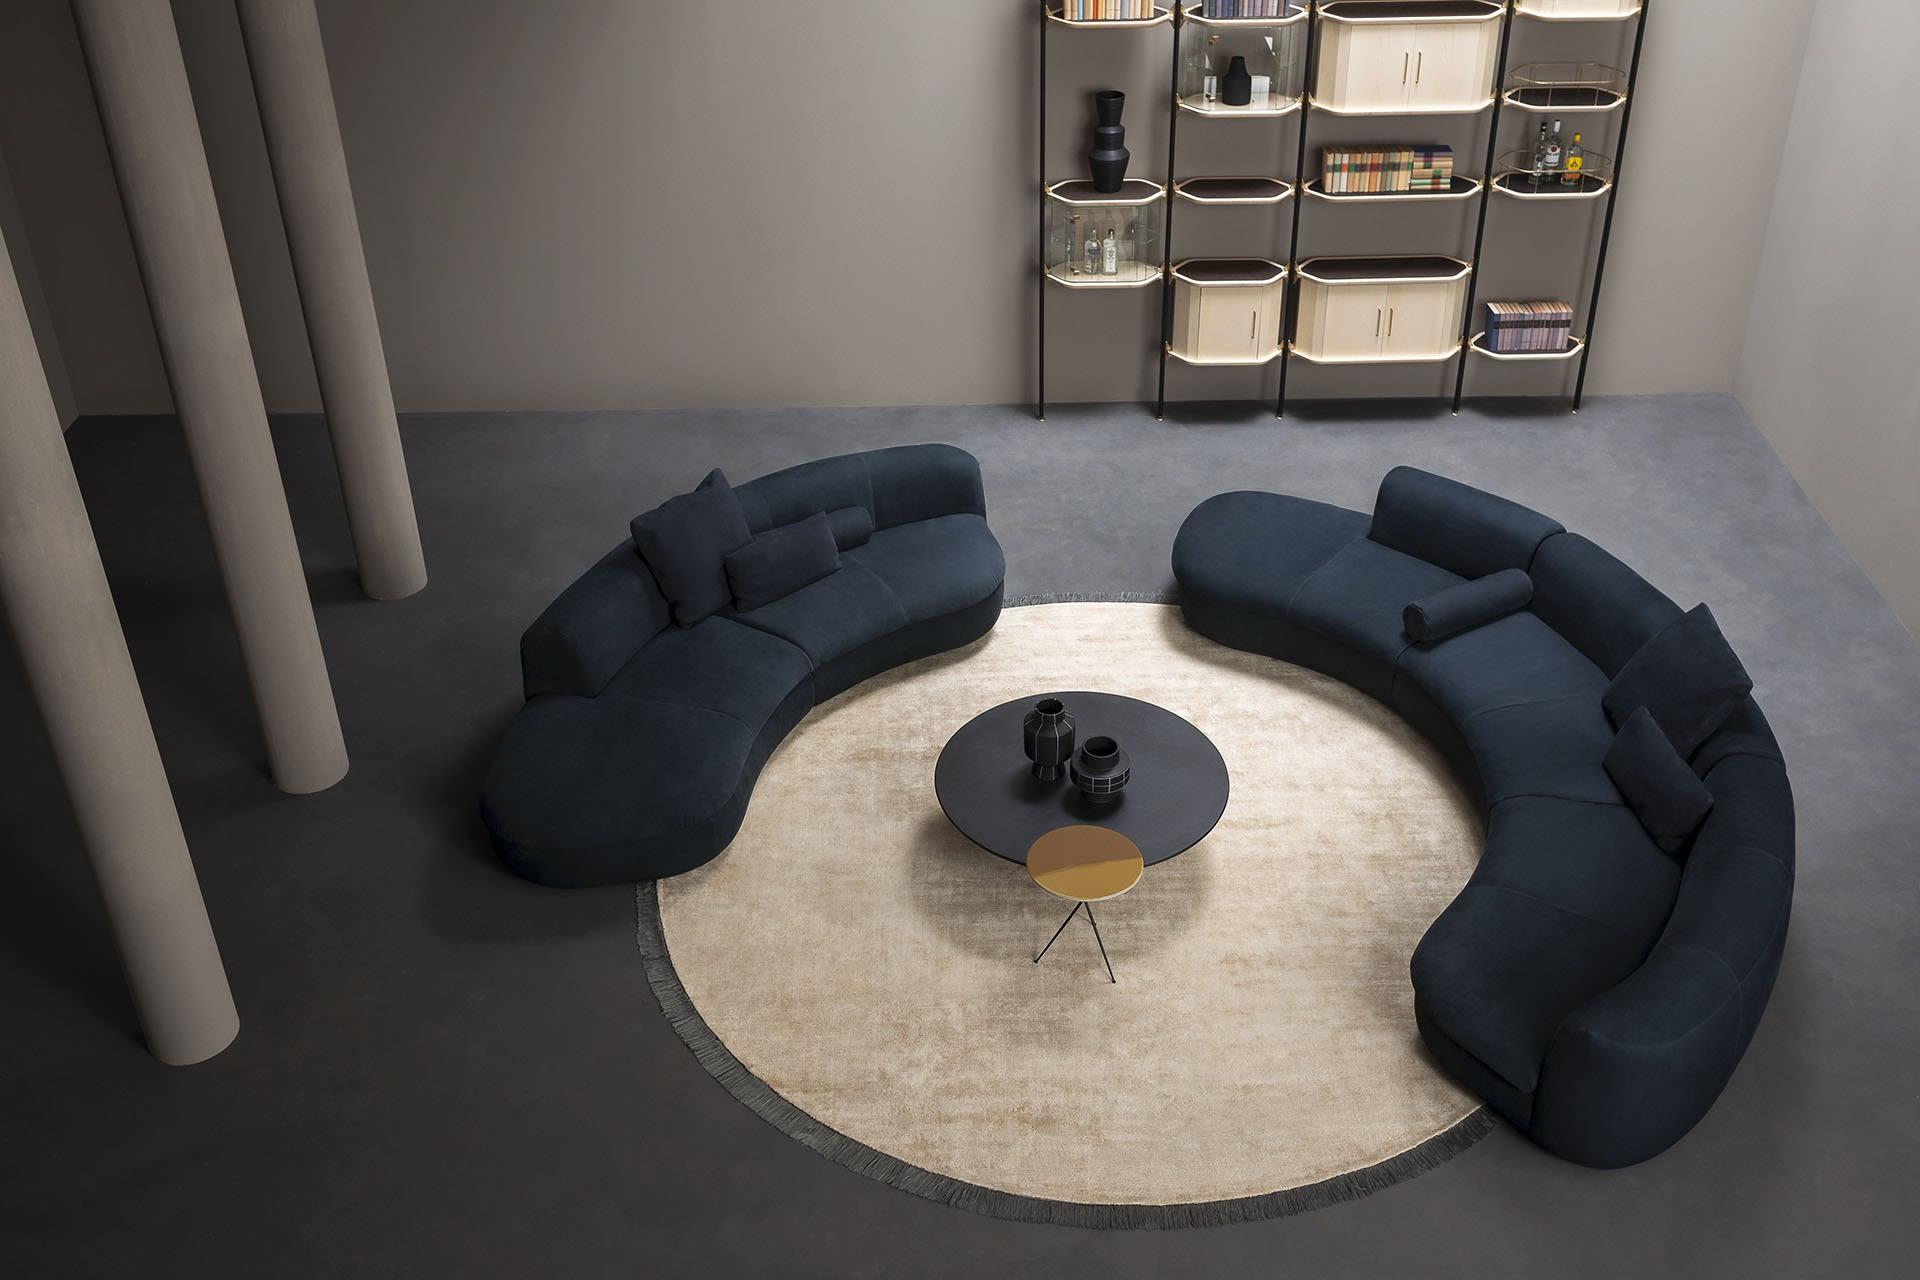 piaf-sofa